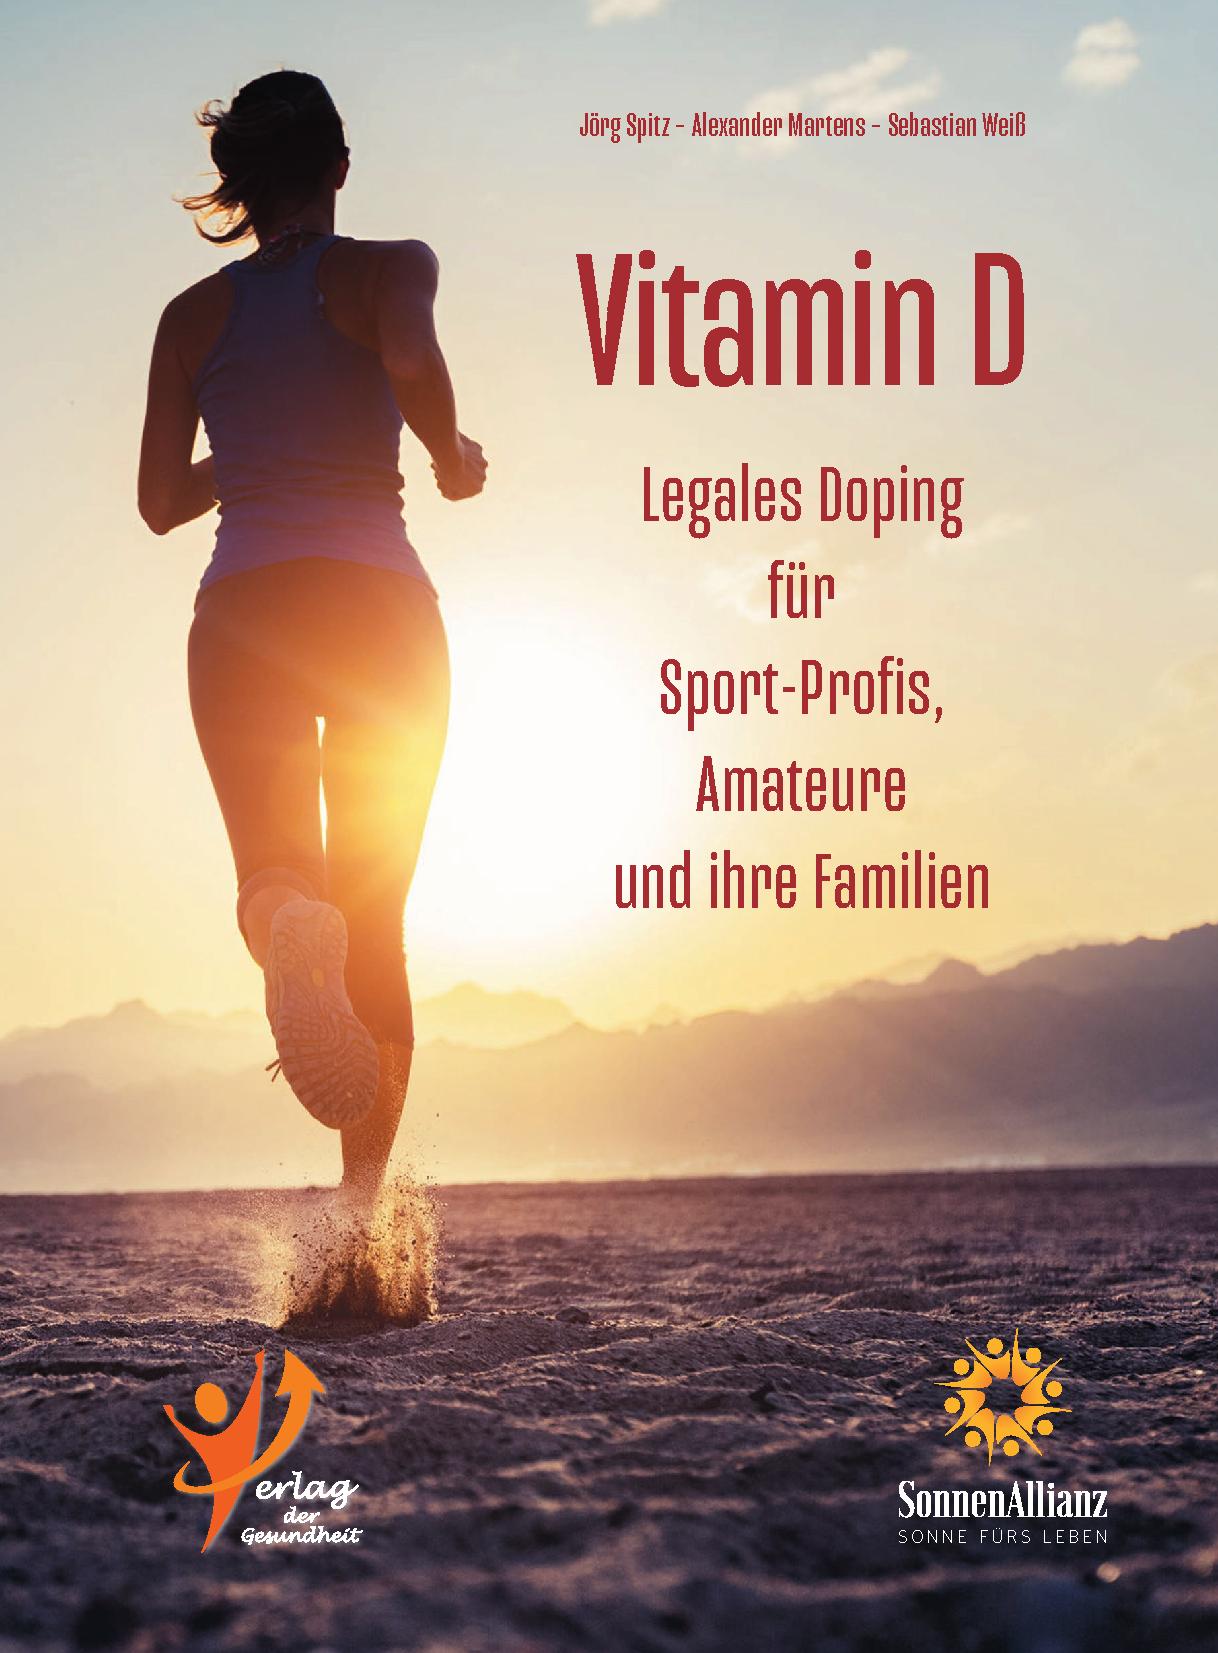 Vorschaubild: Vitamin D - Legales Doping für Sport Profis, Amateure und ihre Familien